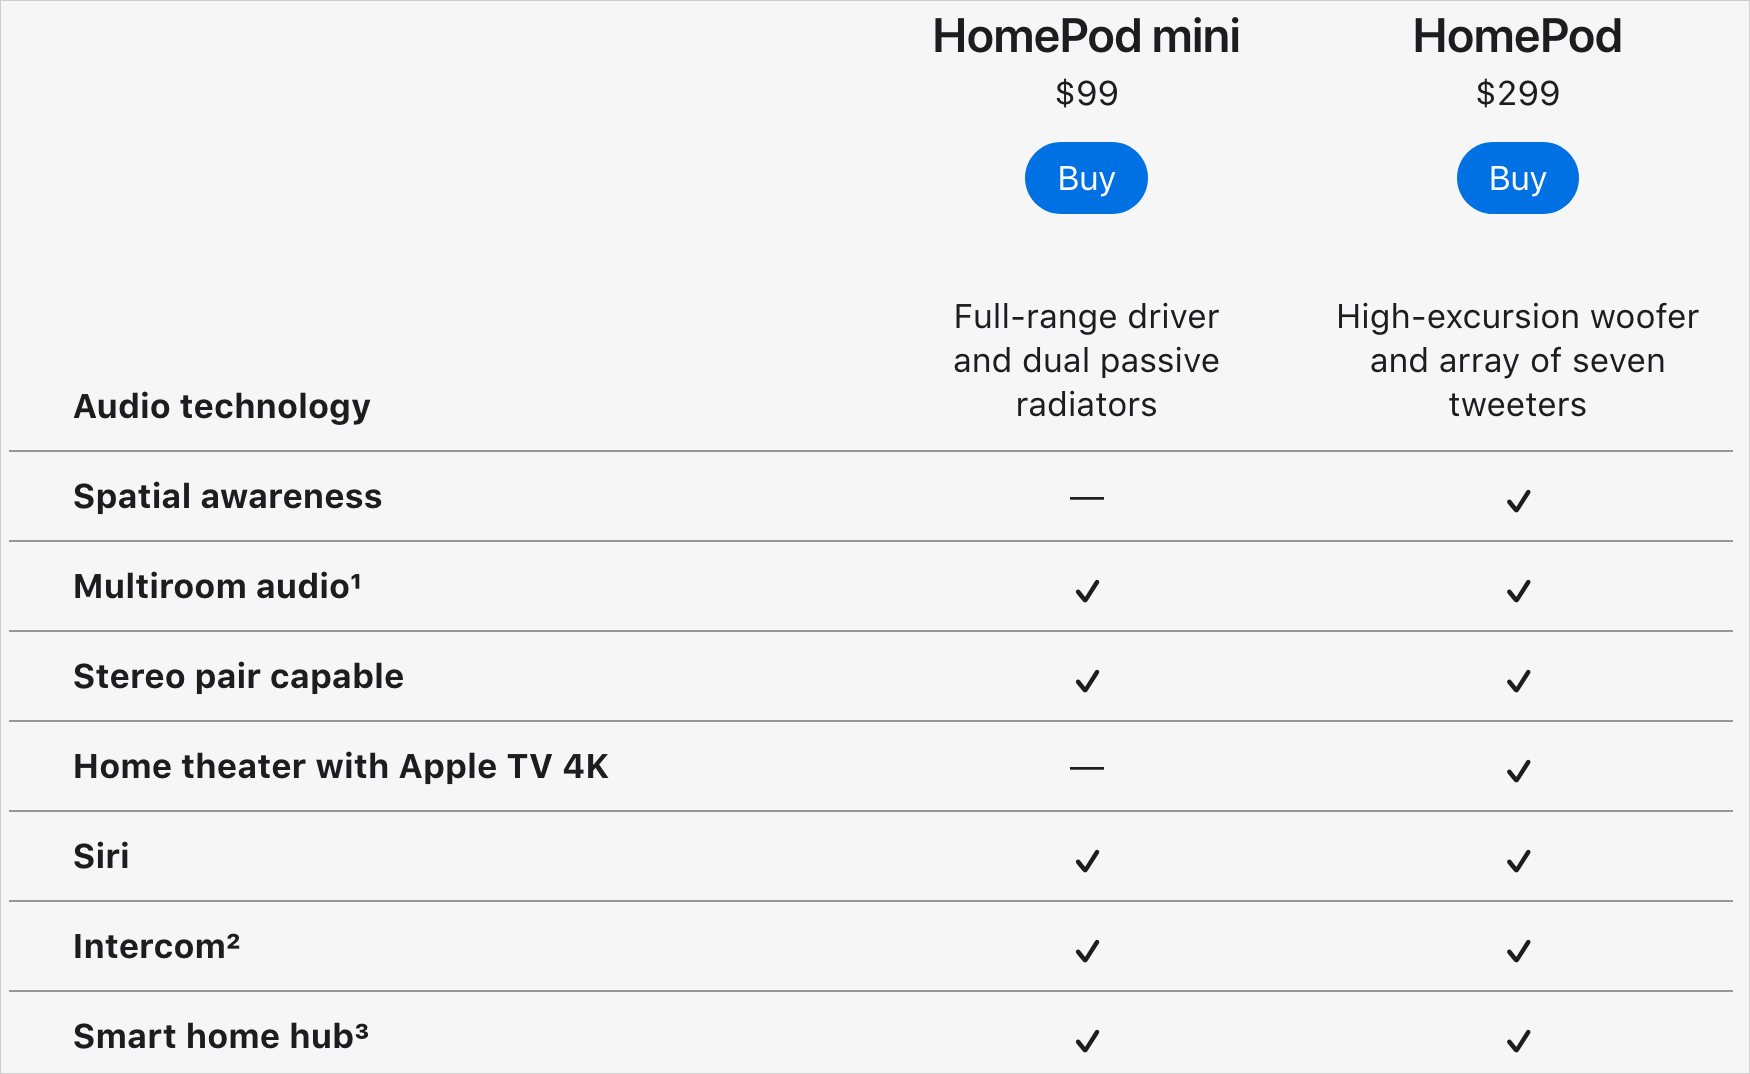 HomePod mini vs HomePod Apple Comparison